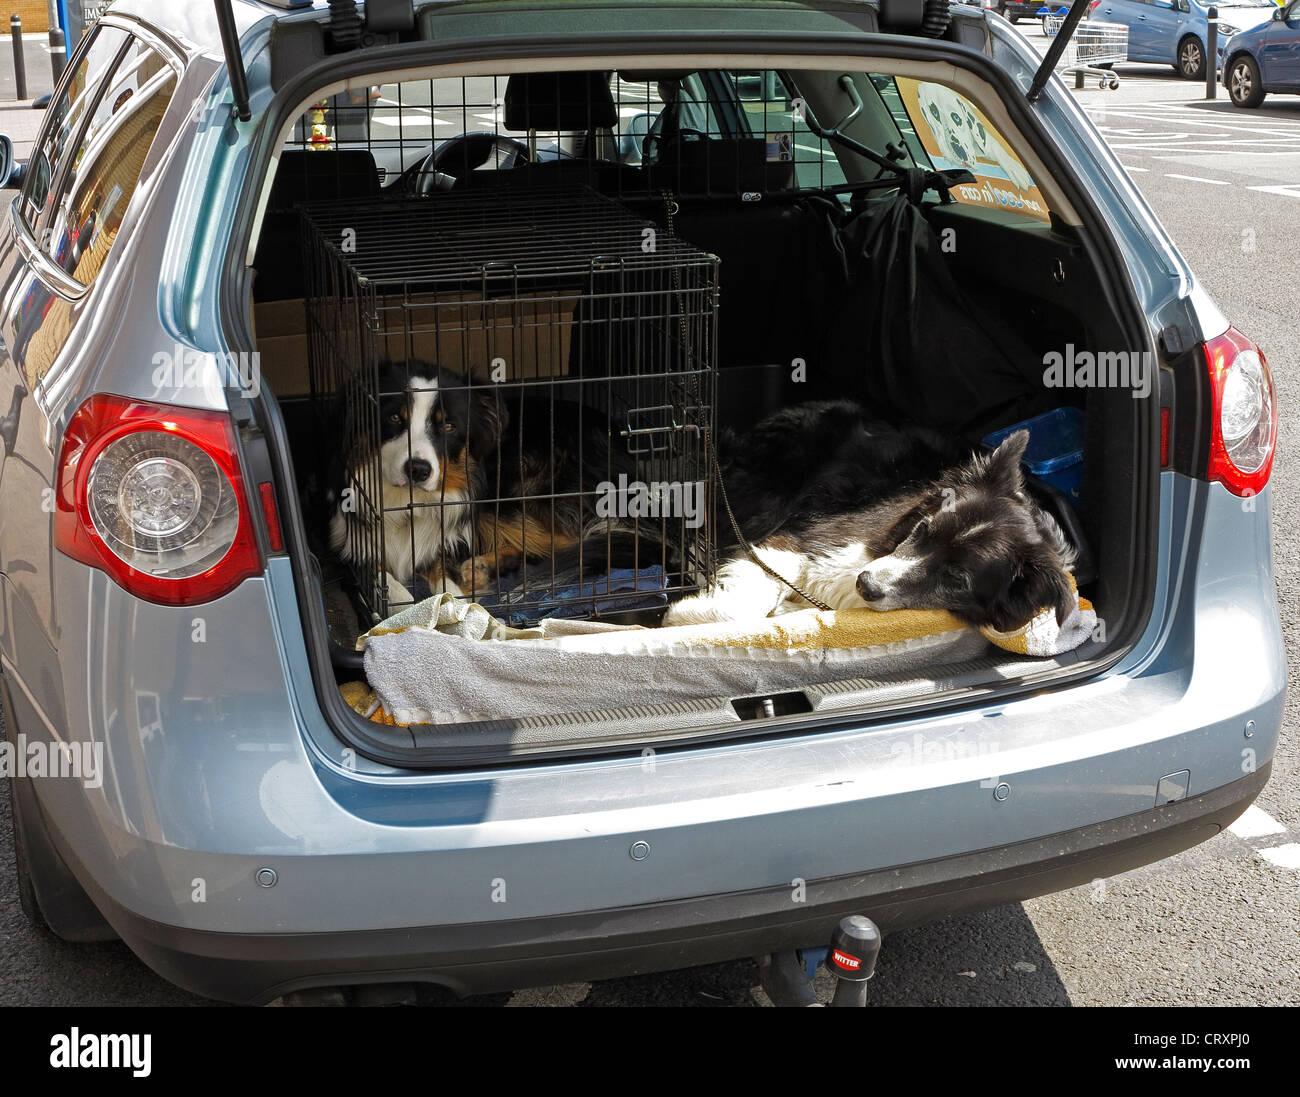 two-dogs-in-car-milton-CRXPJ0.jpg